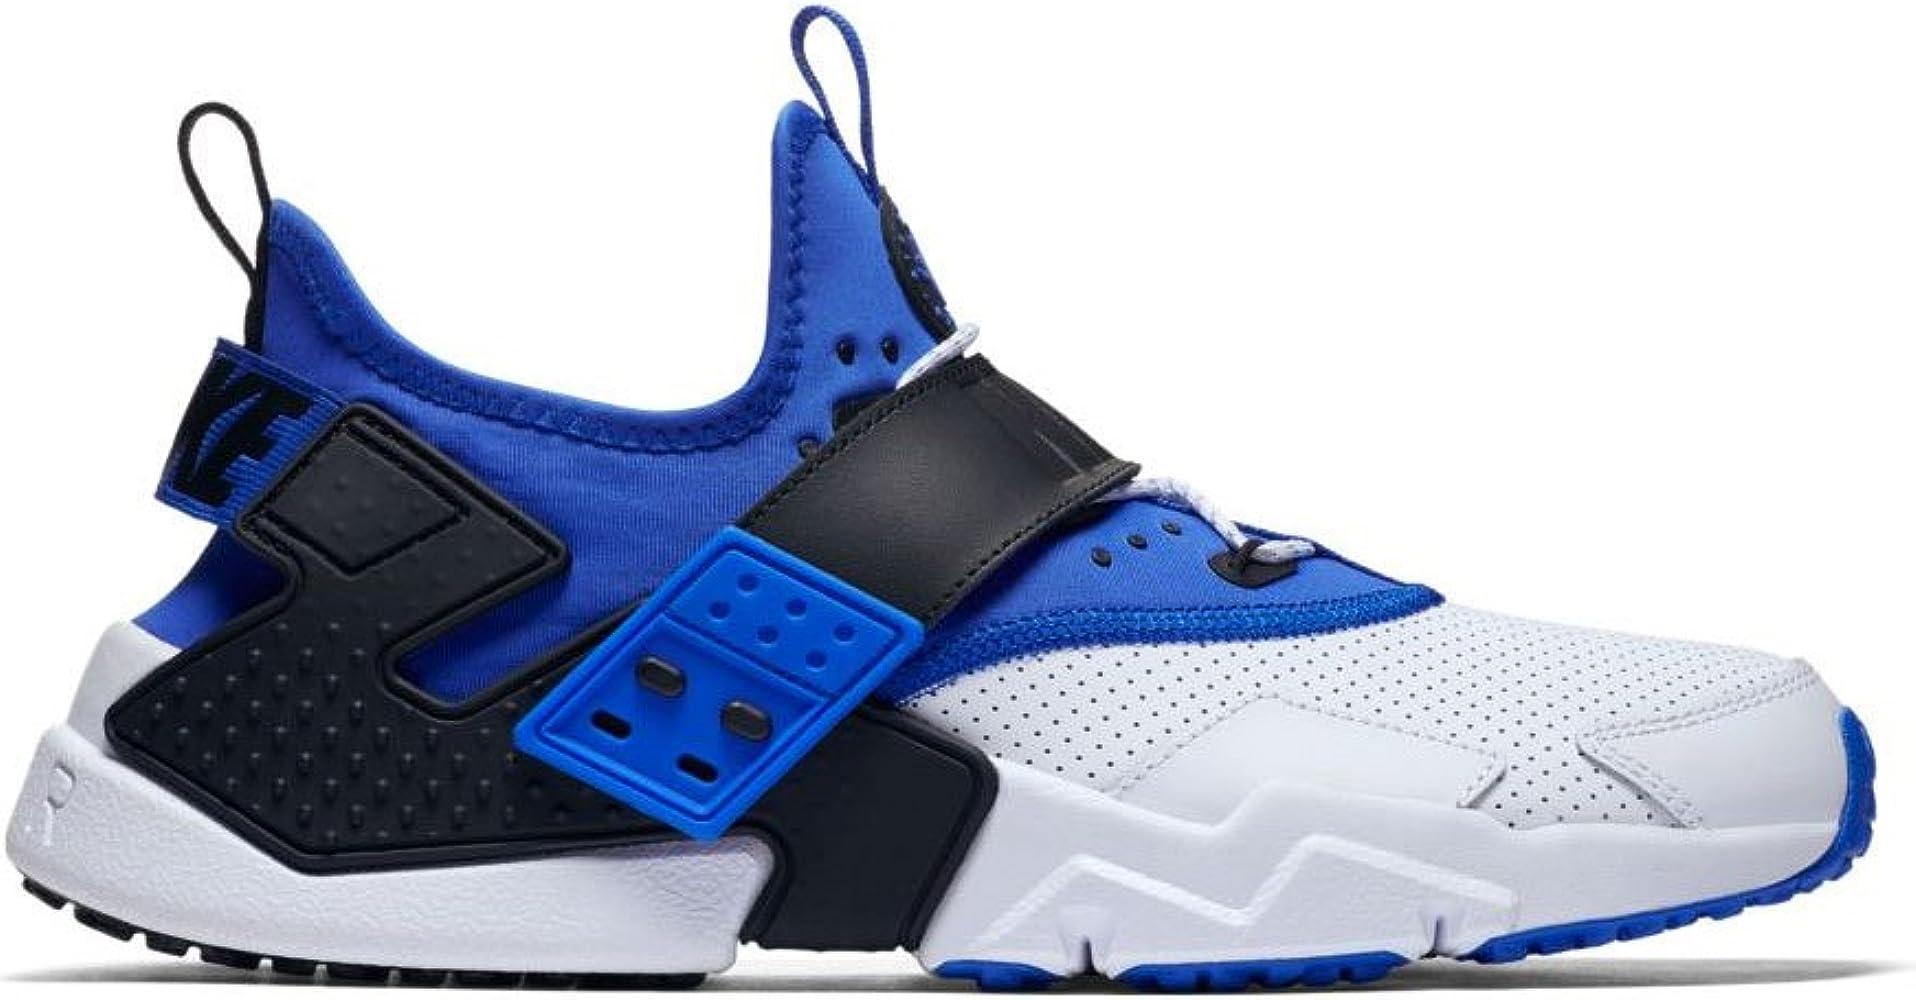 Nike Air Huarache Drift Premium WhiteRacer Blue Black (12 D